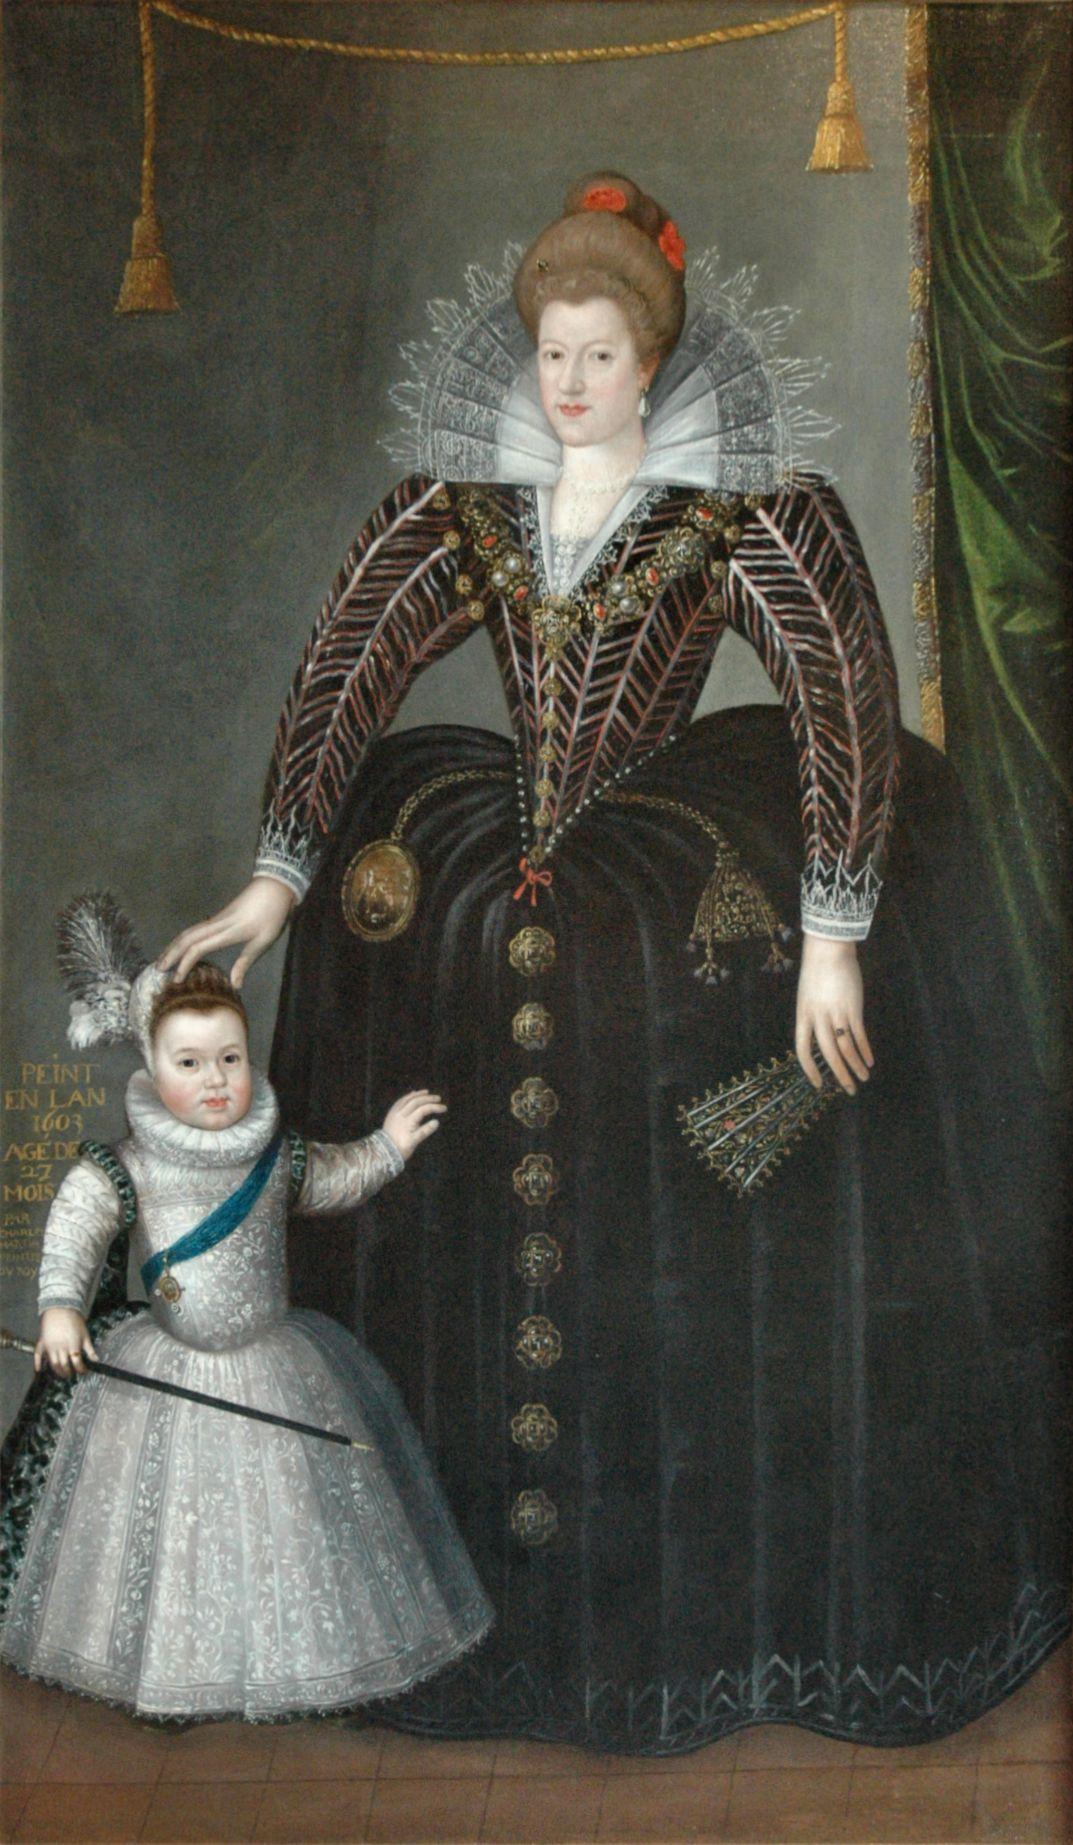 1603 Maria de' Medici and her son Louis XIII by Charles Martin (Musée des Beaux-arts, Blois - Blois, Centre region, France) Wm